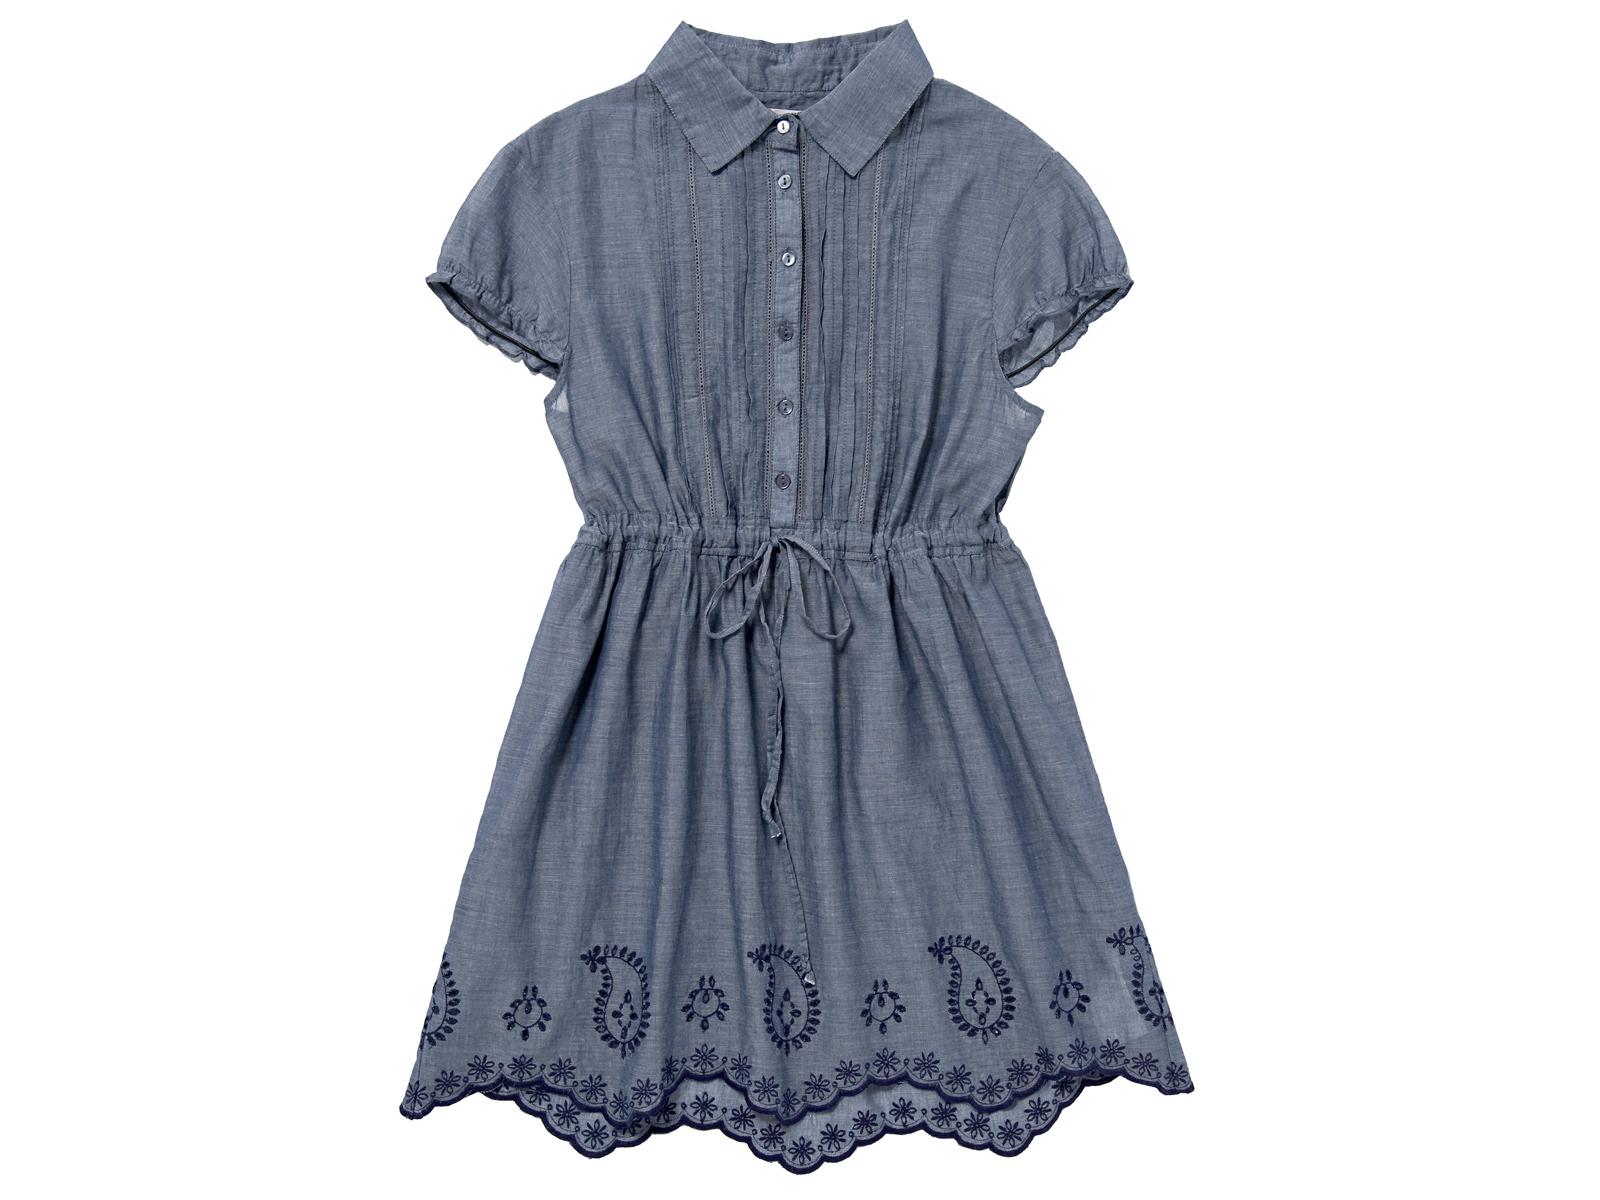 Платье, Pennyblack  Пресненская наб., 2, тел. (495) 660 6223